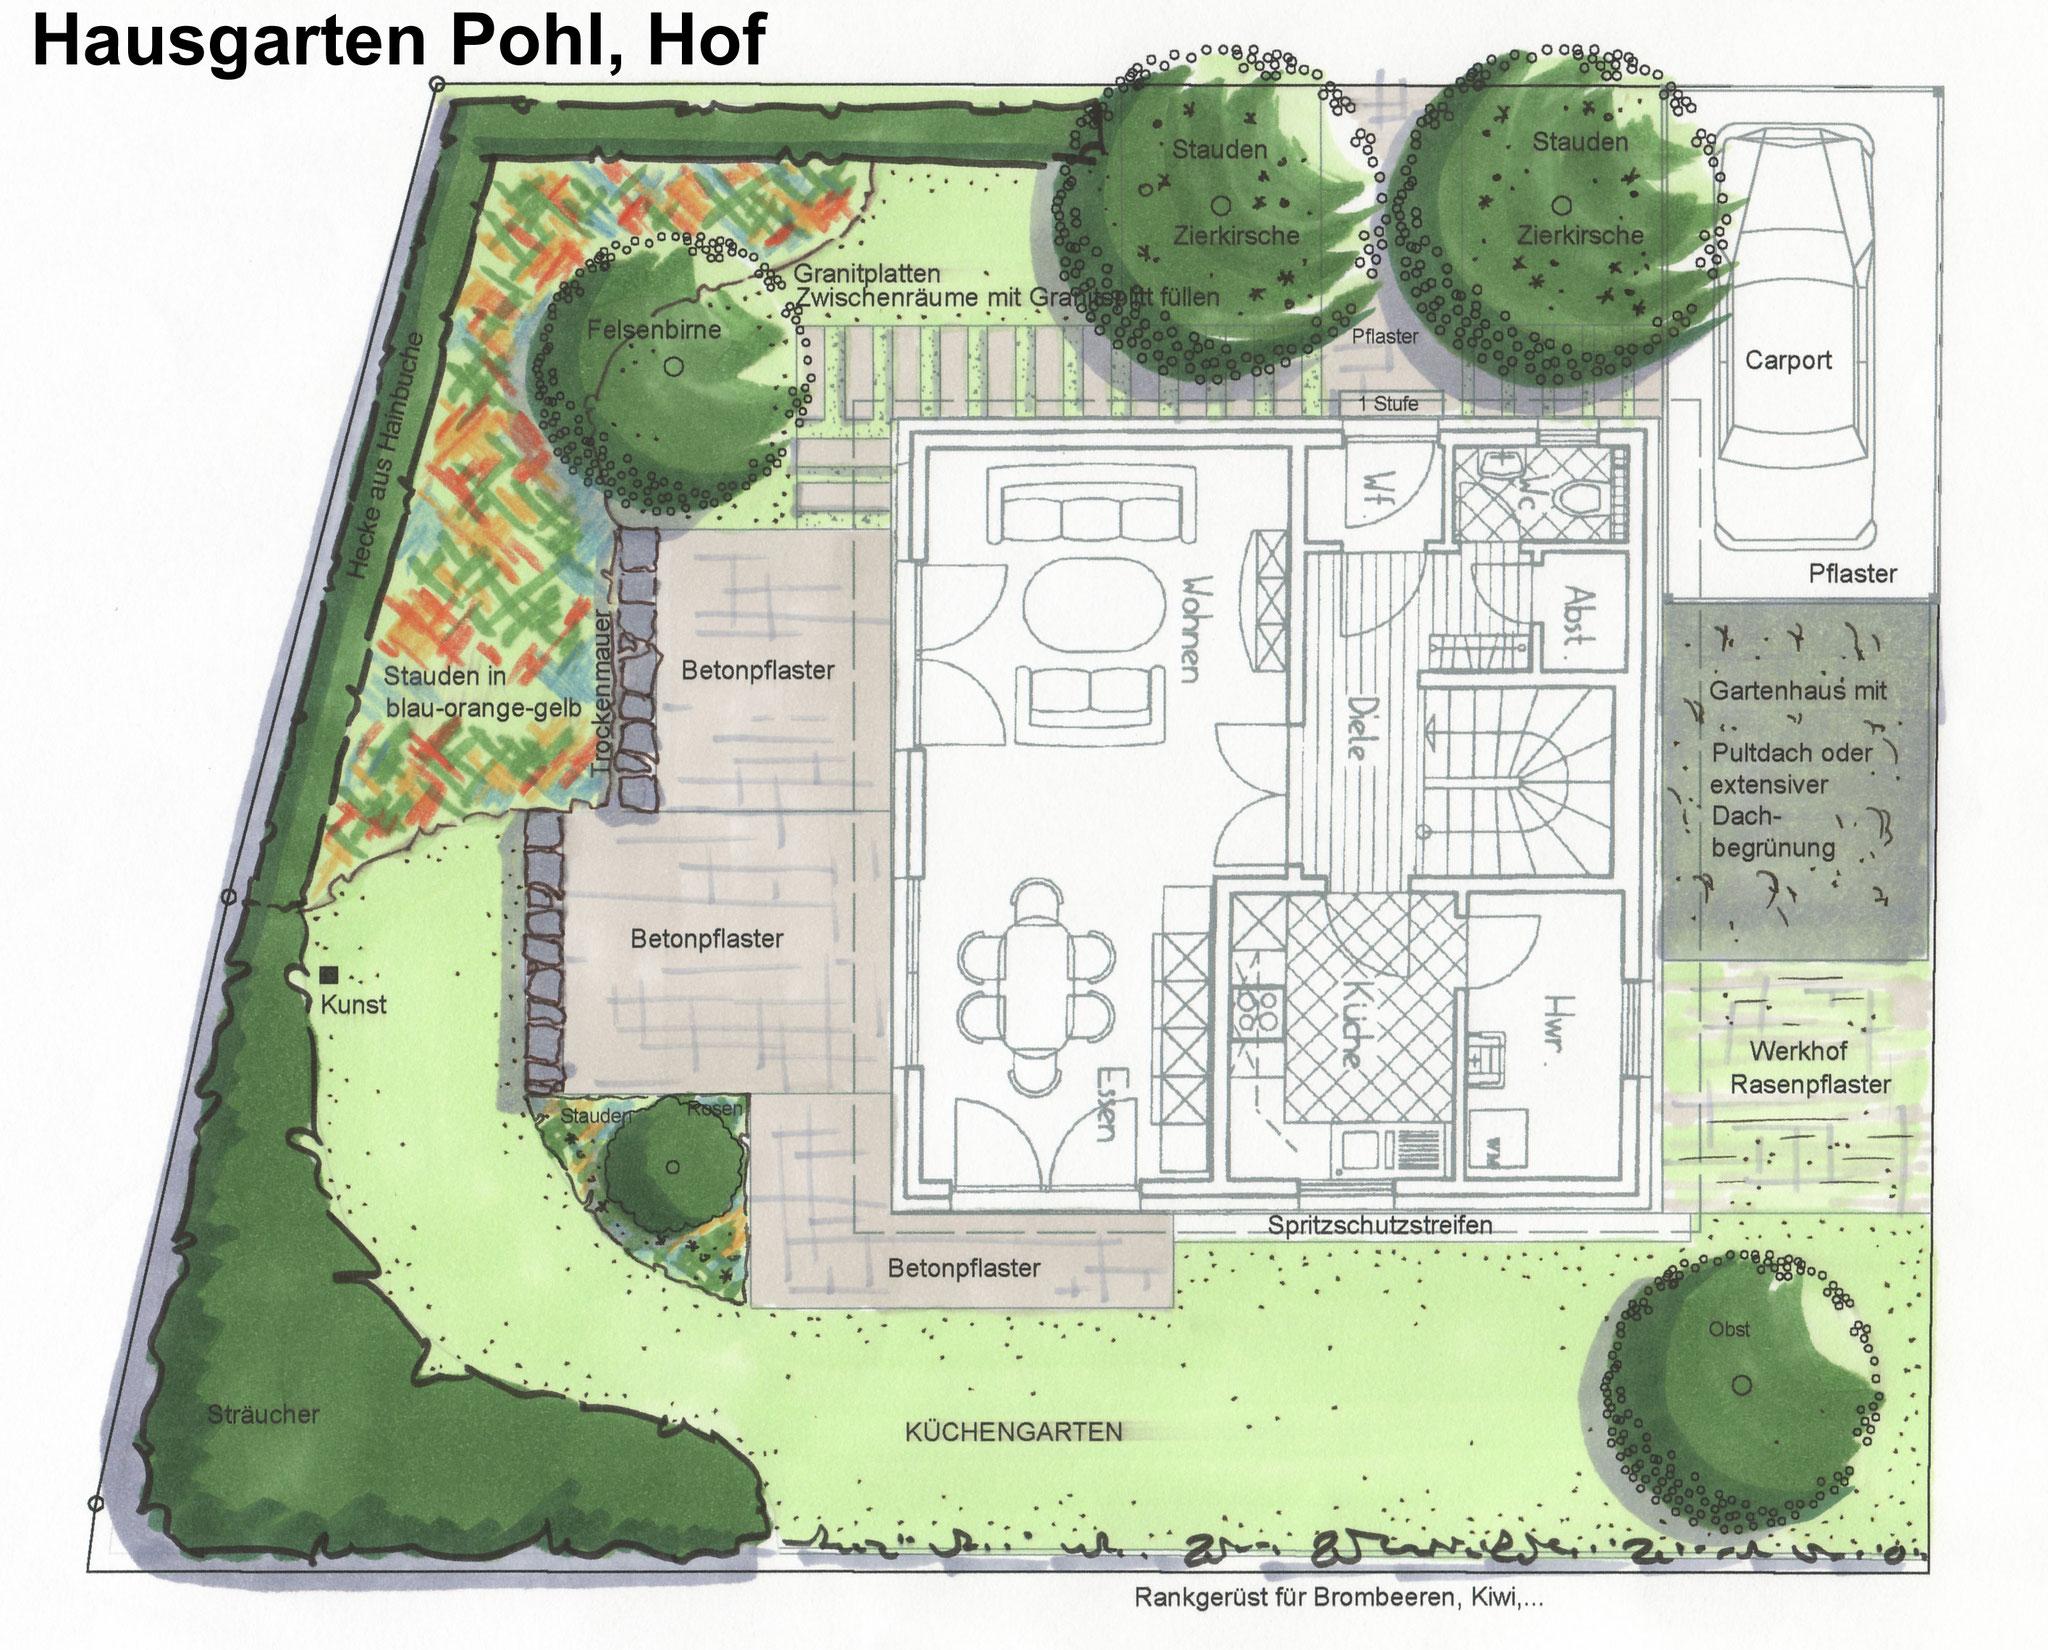 Kleiner Hausgarten in Hof/Saale